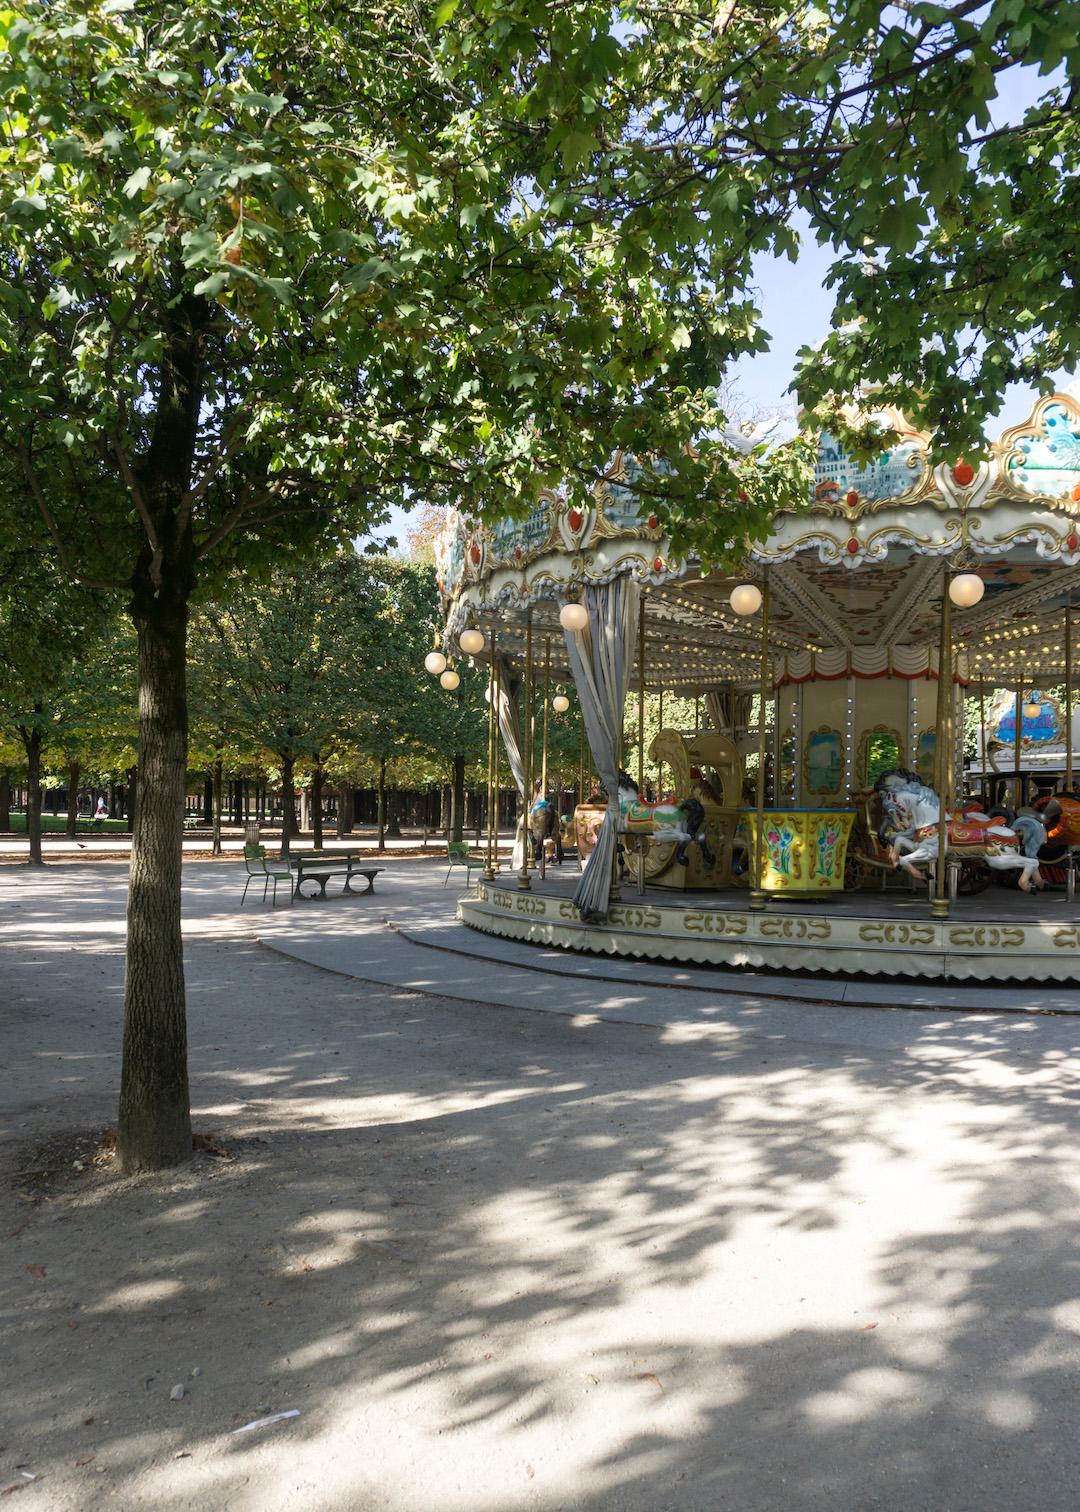 Tuileries Garden Carousel